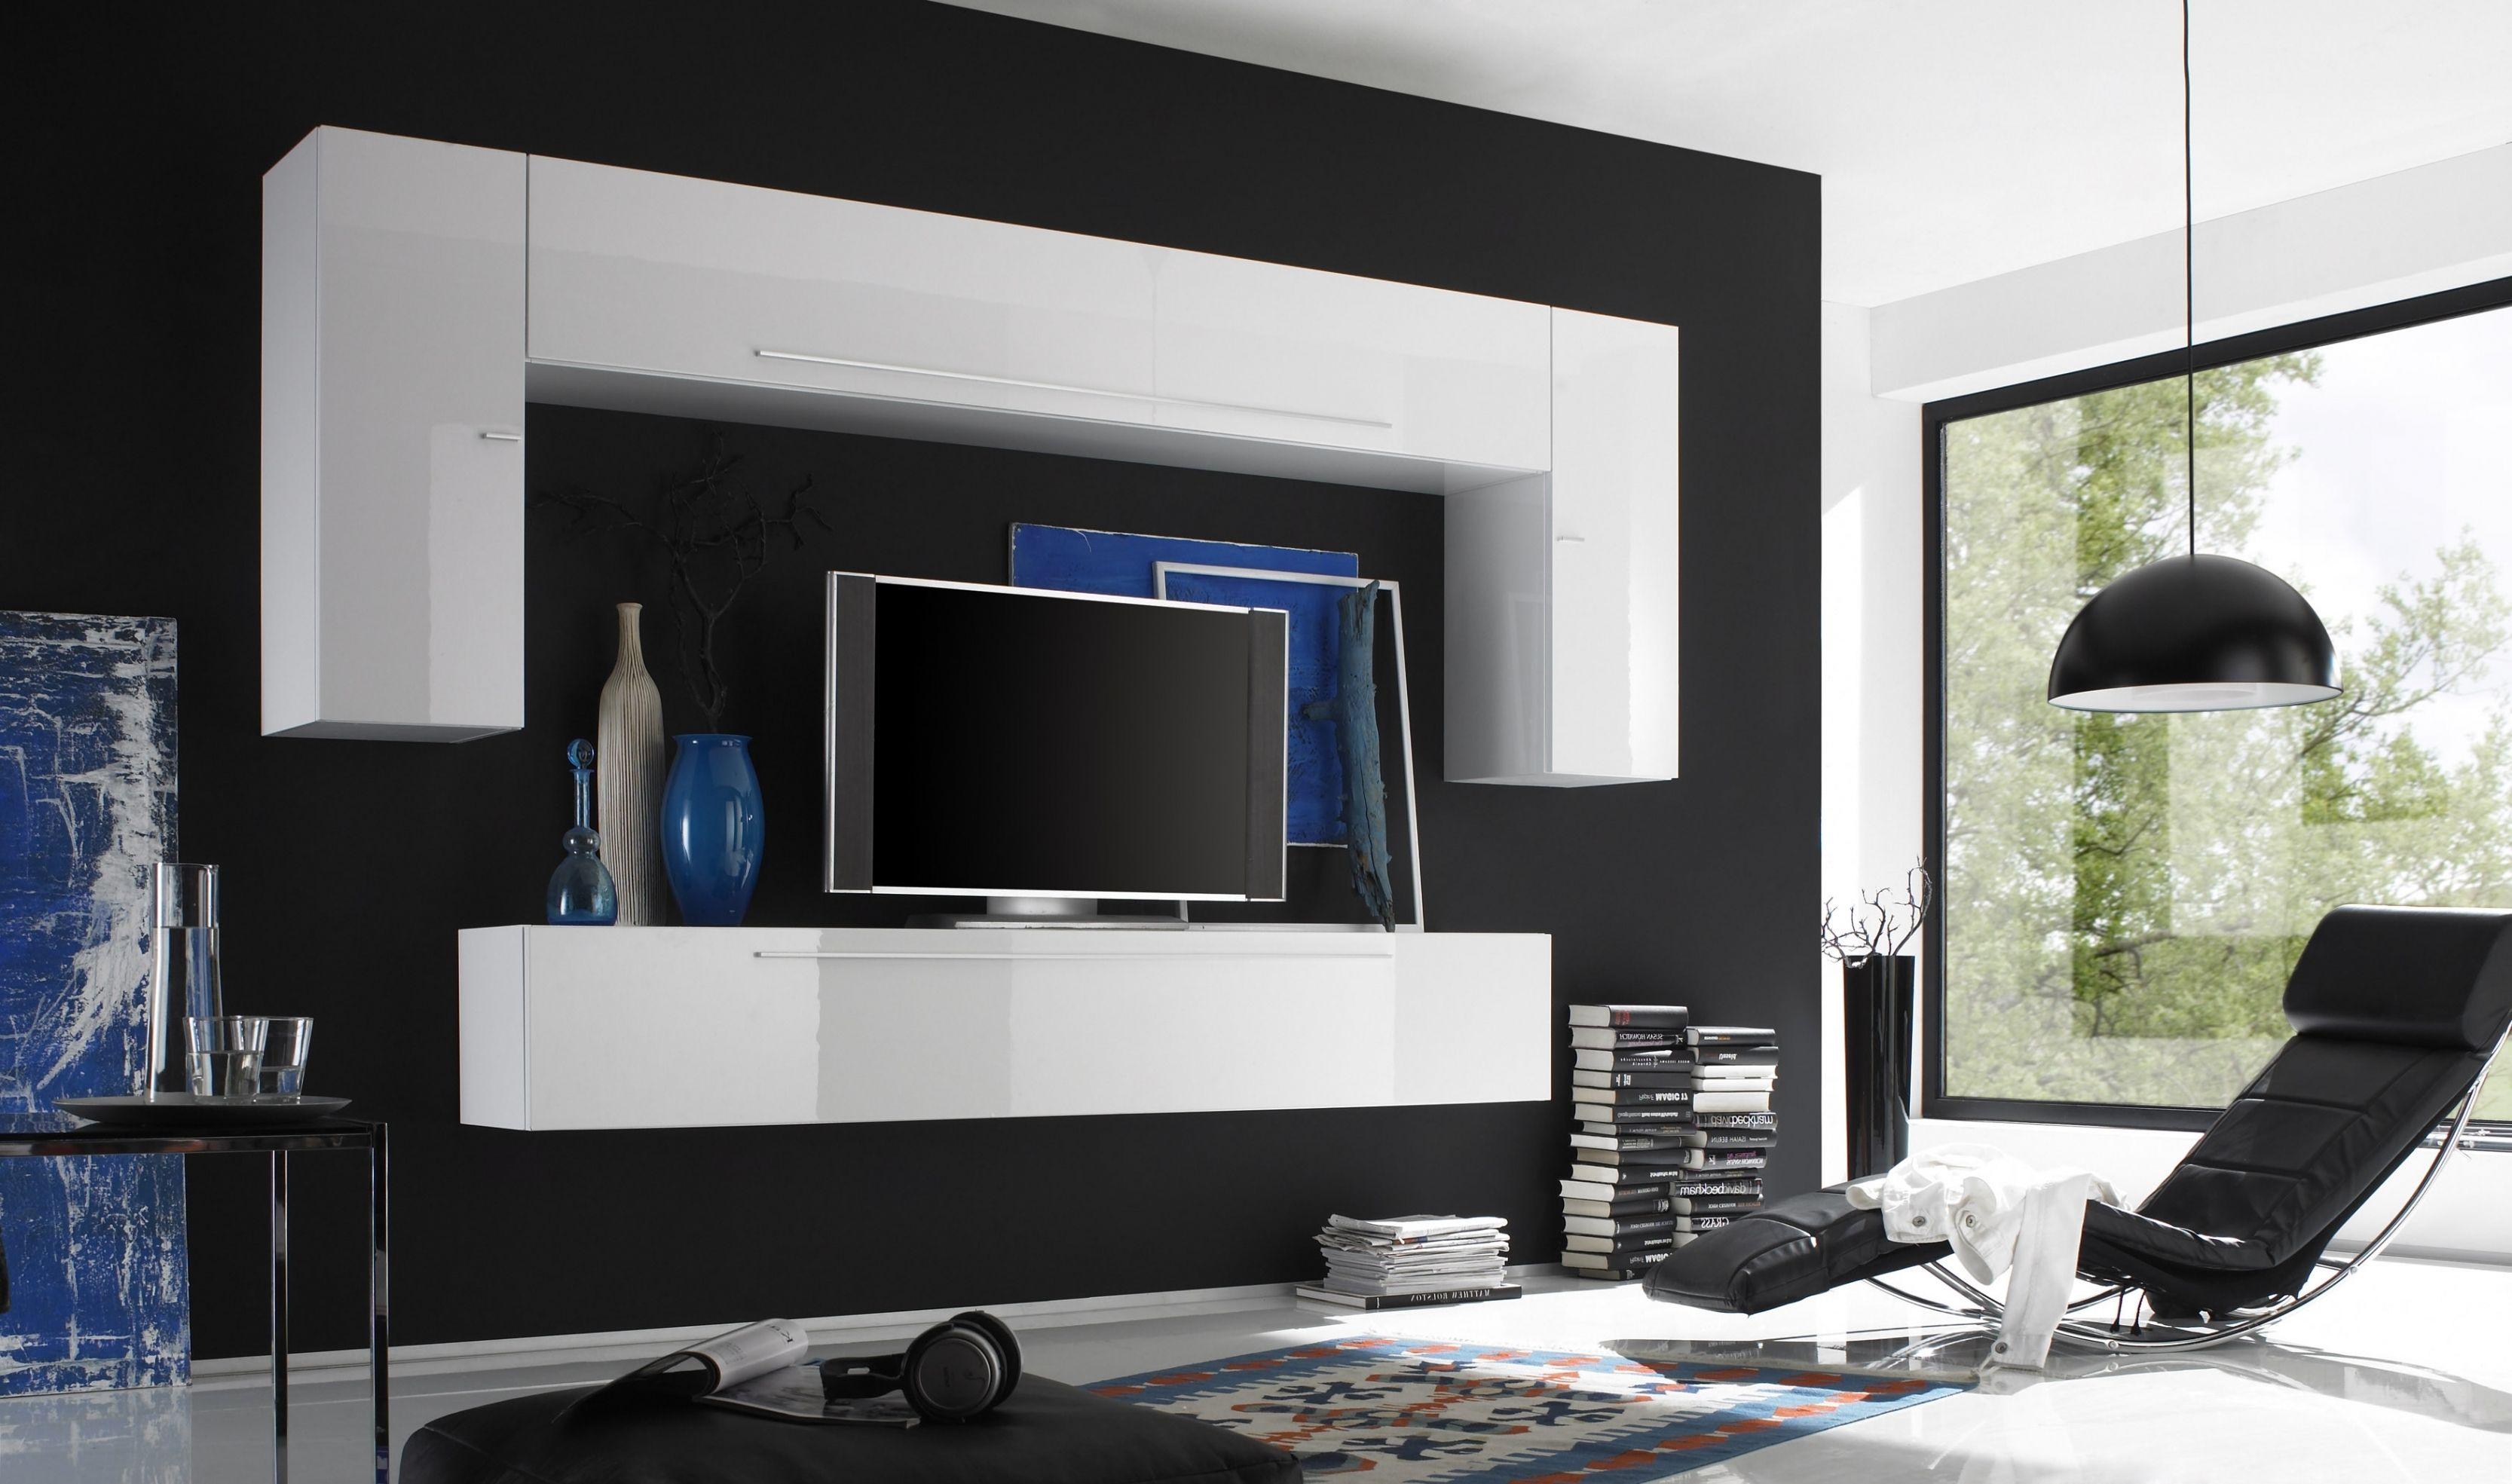 Neueste Wohnzimmer Ohne Wohnwand | Wohnzimmer ideen | Pinterest